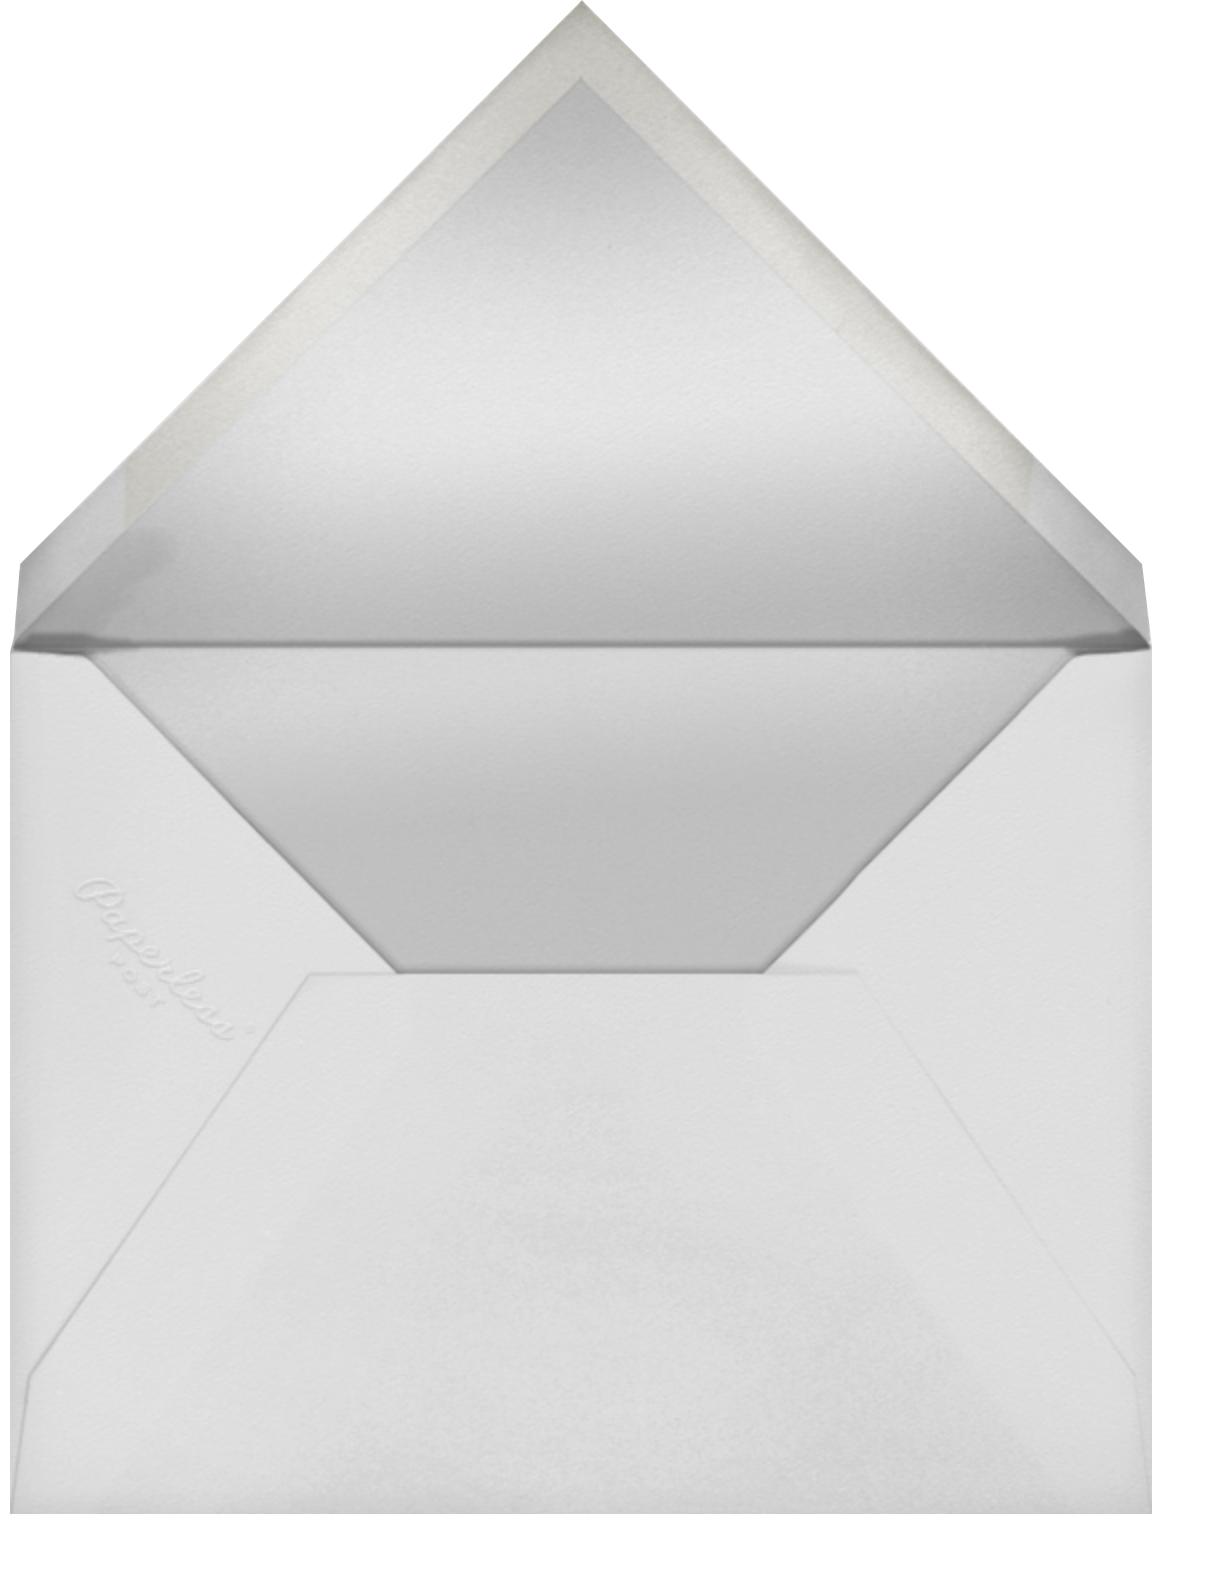 Caning (Menu) - Jonathan Adler - Menus - envelope back